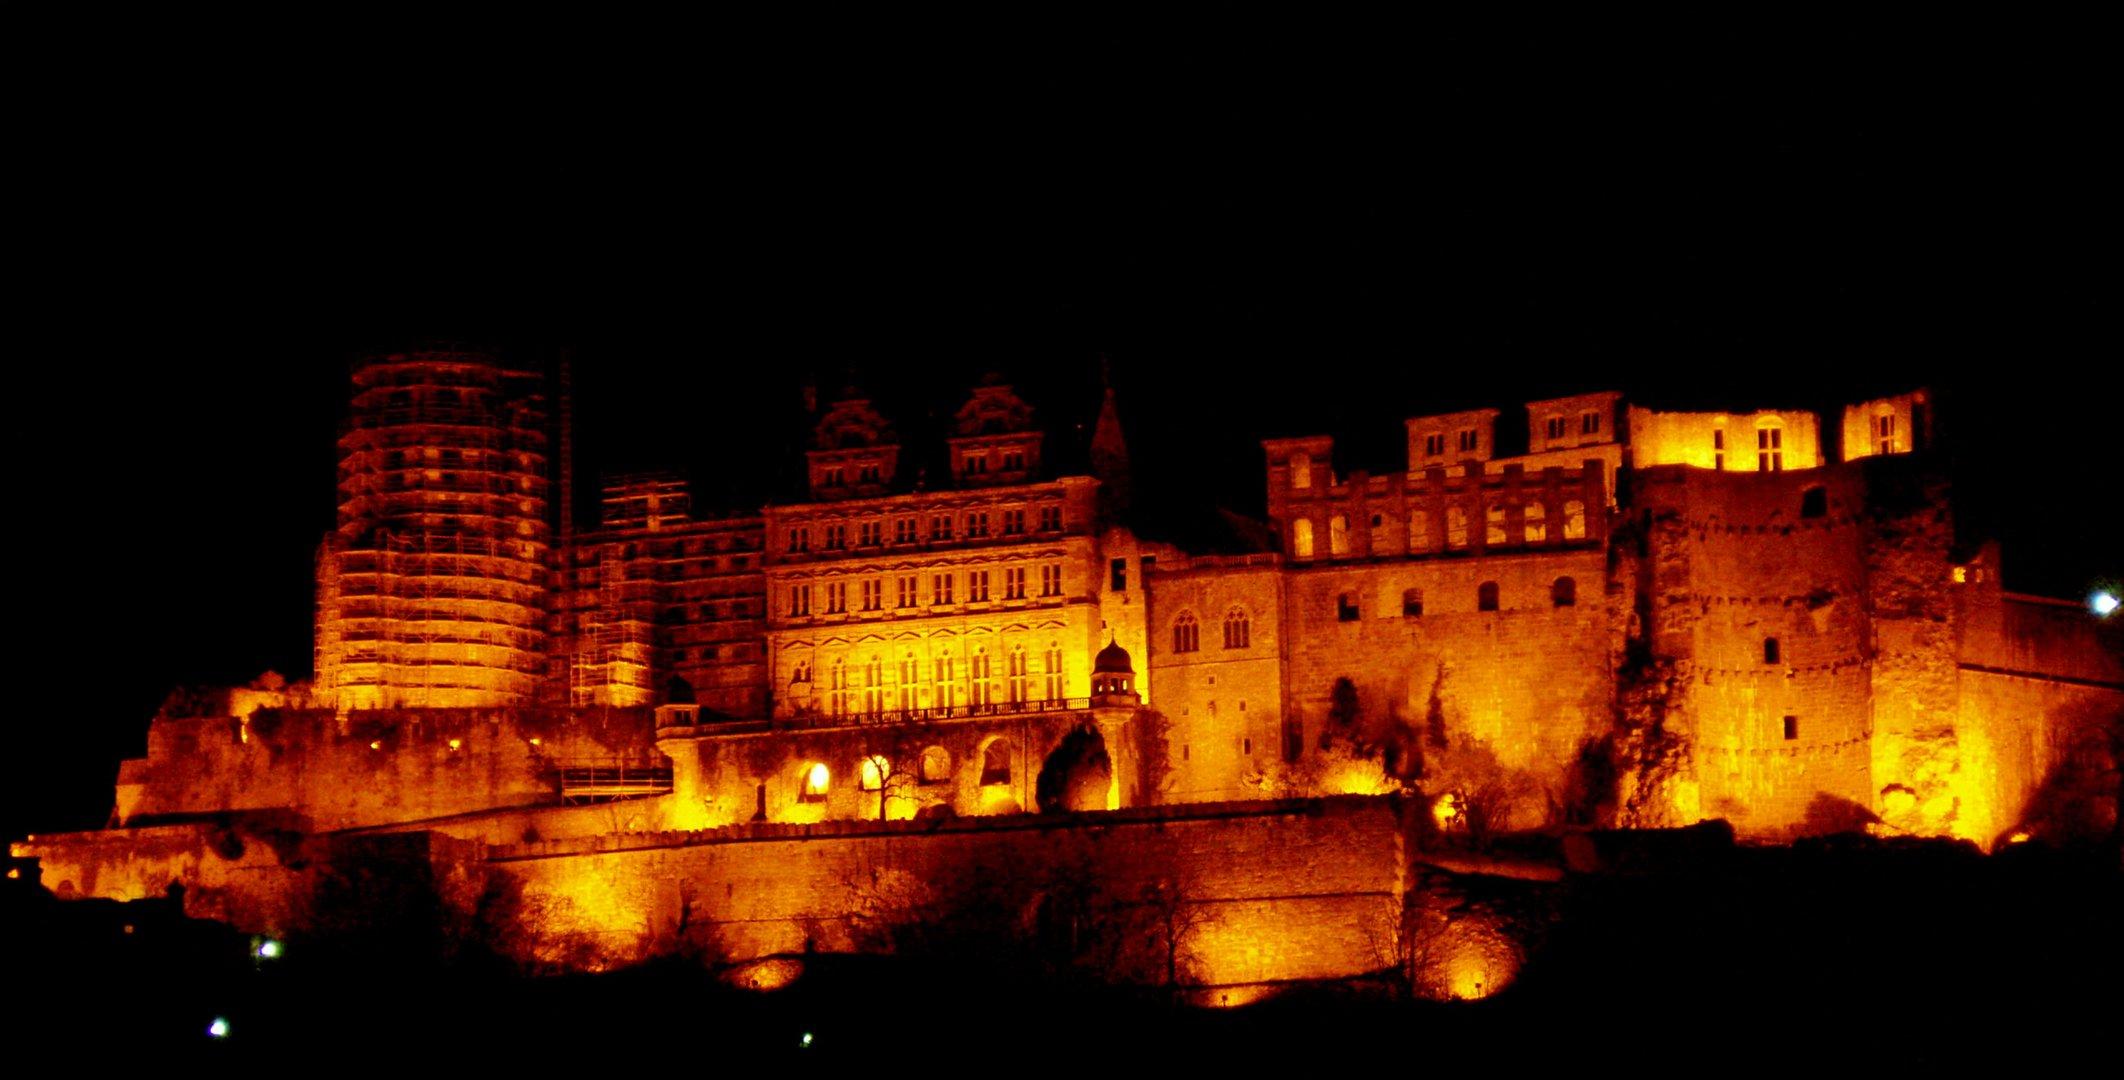 Schloss in Flammen - das Heidelberger Schloss